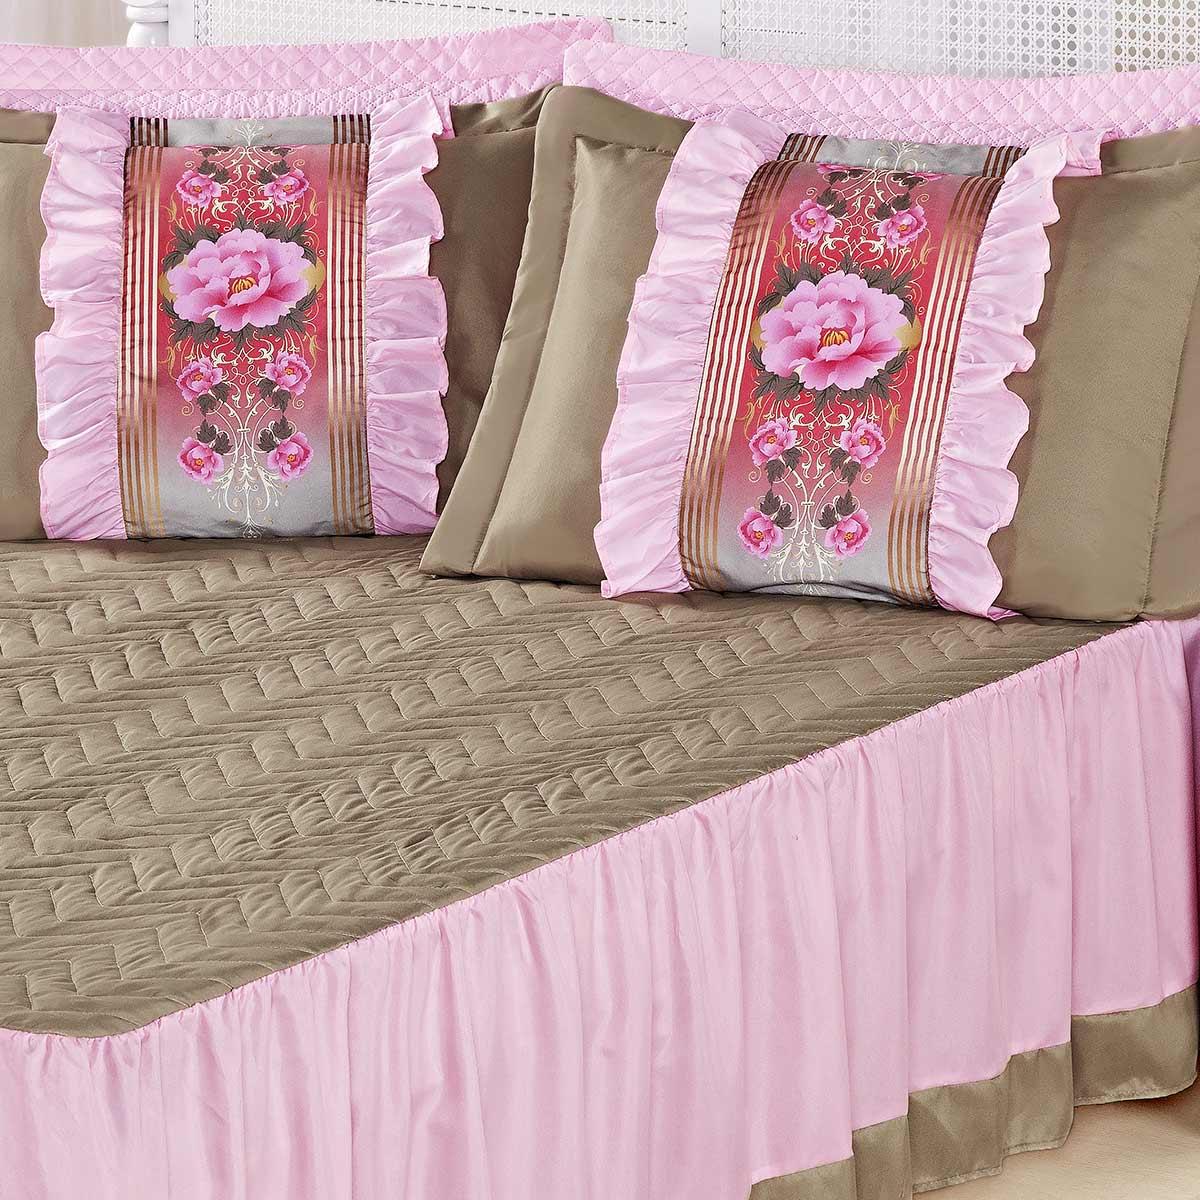 Kit Colcha (Colcha + Porta Travesseiro) Queen Bia Caqui com Rosa Liso com 5 peças